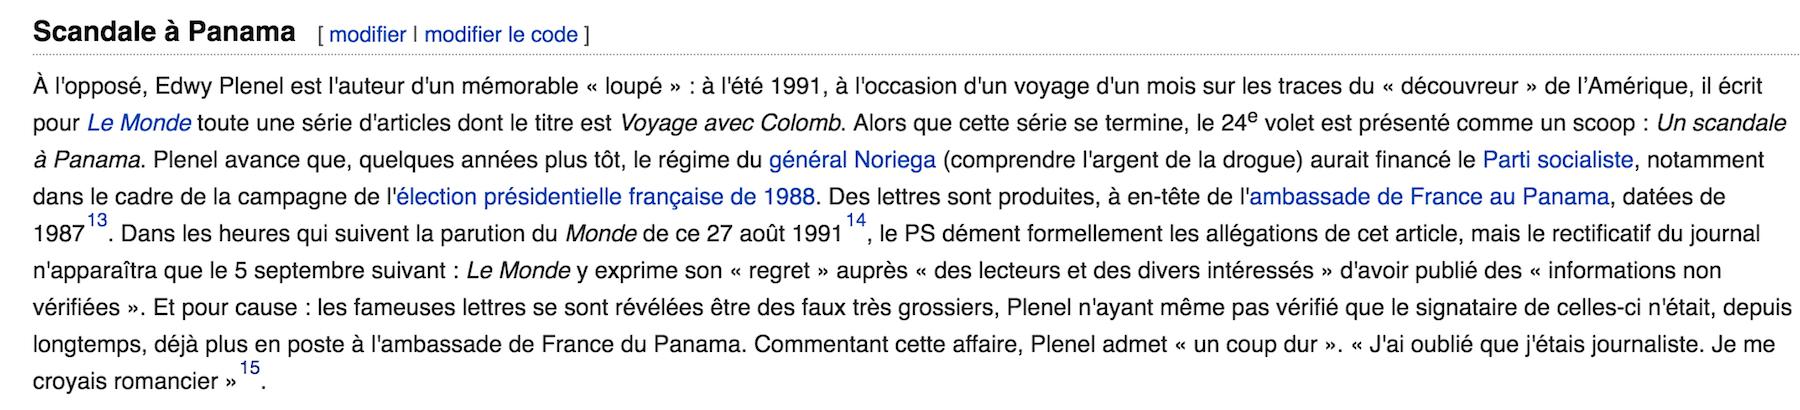 """من الويكبيديا الفرنسية: فضيحة بناما""""، عن """"سقطة"""" إدفي بلينيل في استخدام وثائق مزوّرة زعمت أن الديكتاتور البنامي، نورييغا"""" قام بتمويل الحزب الإشتراكي الفرنسي."""